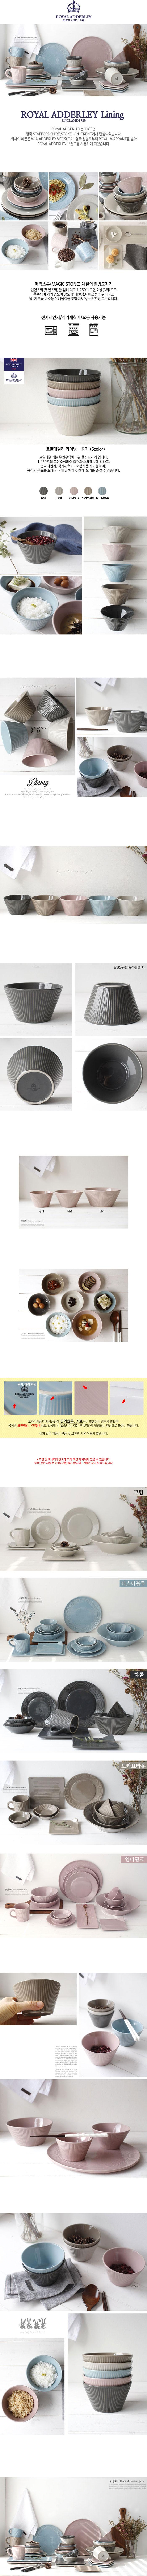 로얄애덜리 라이닝 - 공기 (5color)lovesweety - 꾸미기 좋은날, 5,400원, 밥공기/국공기, 국공기